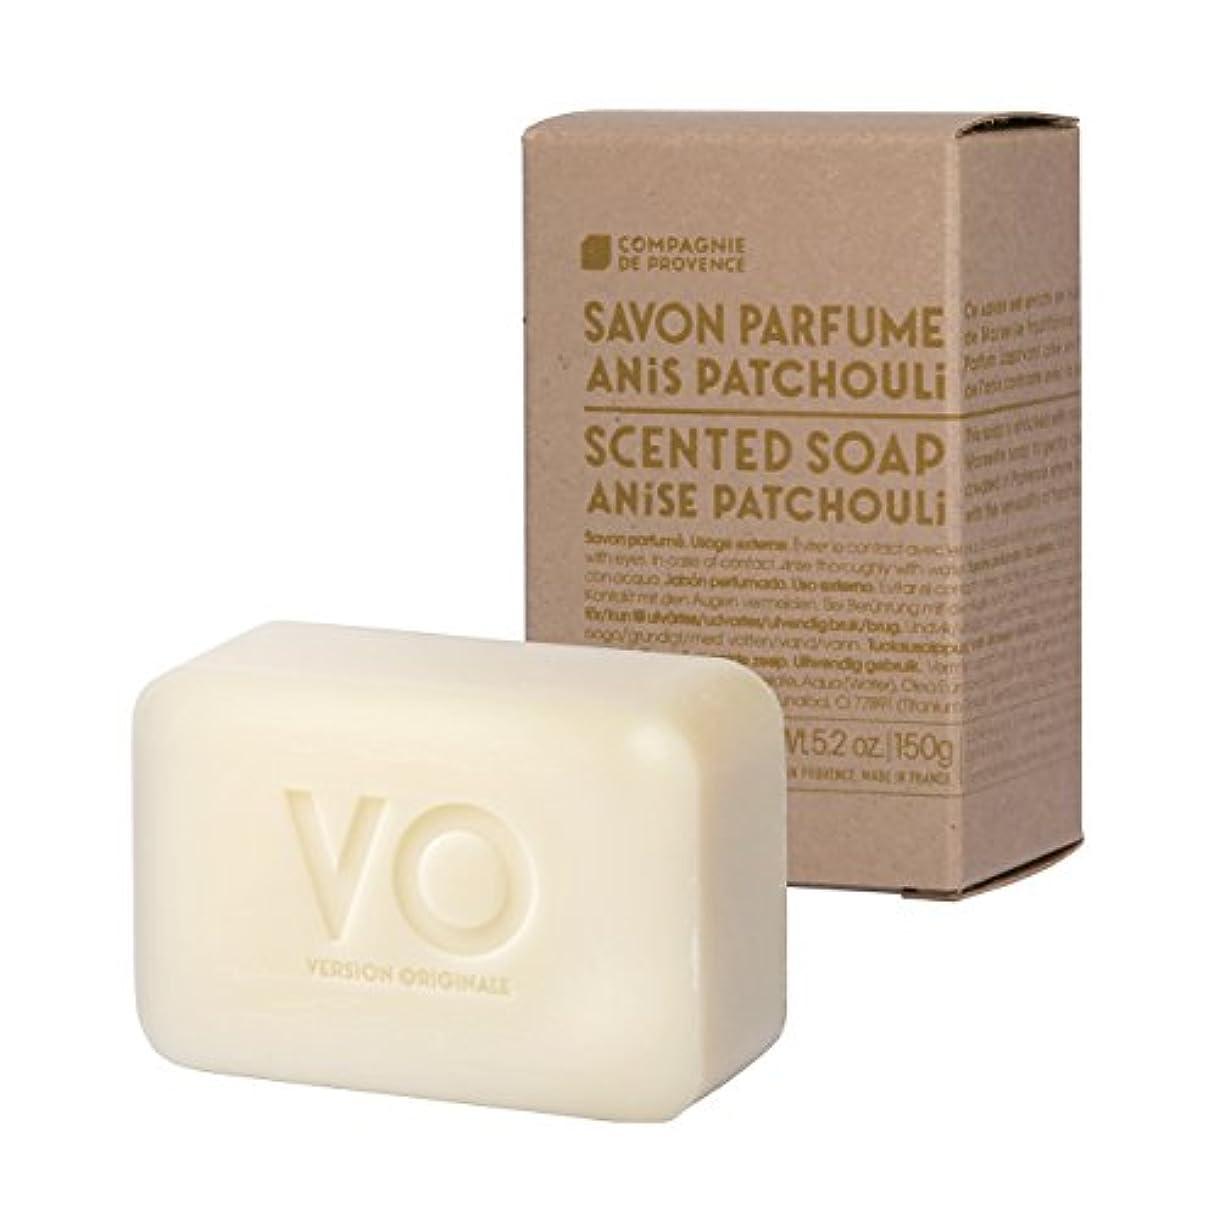 テスピアン建築多用途カンパニードプロバンス バージョンオリジナル センティッドソープ アニスパチュリ(魅惑的なスパイシーハーブの香り) 150g